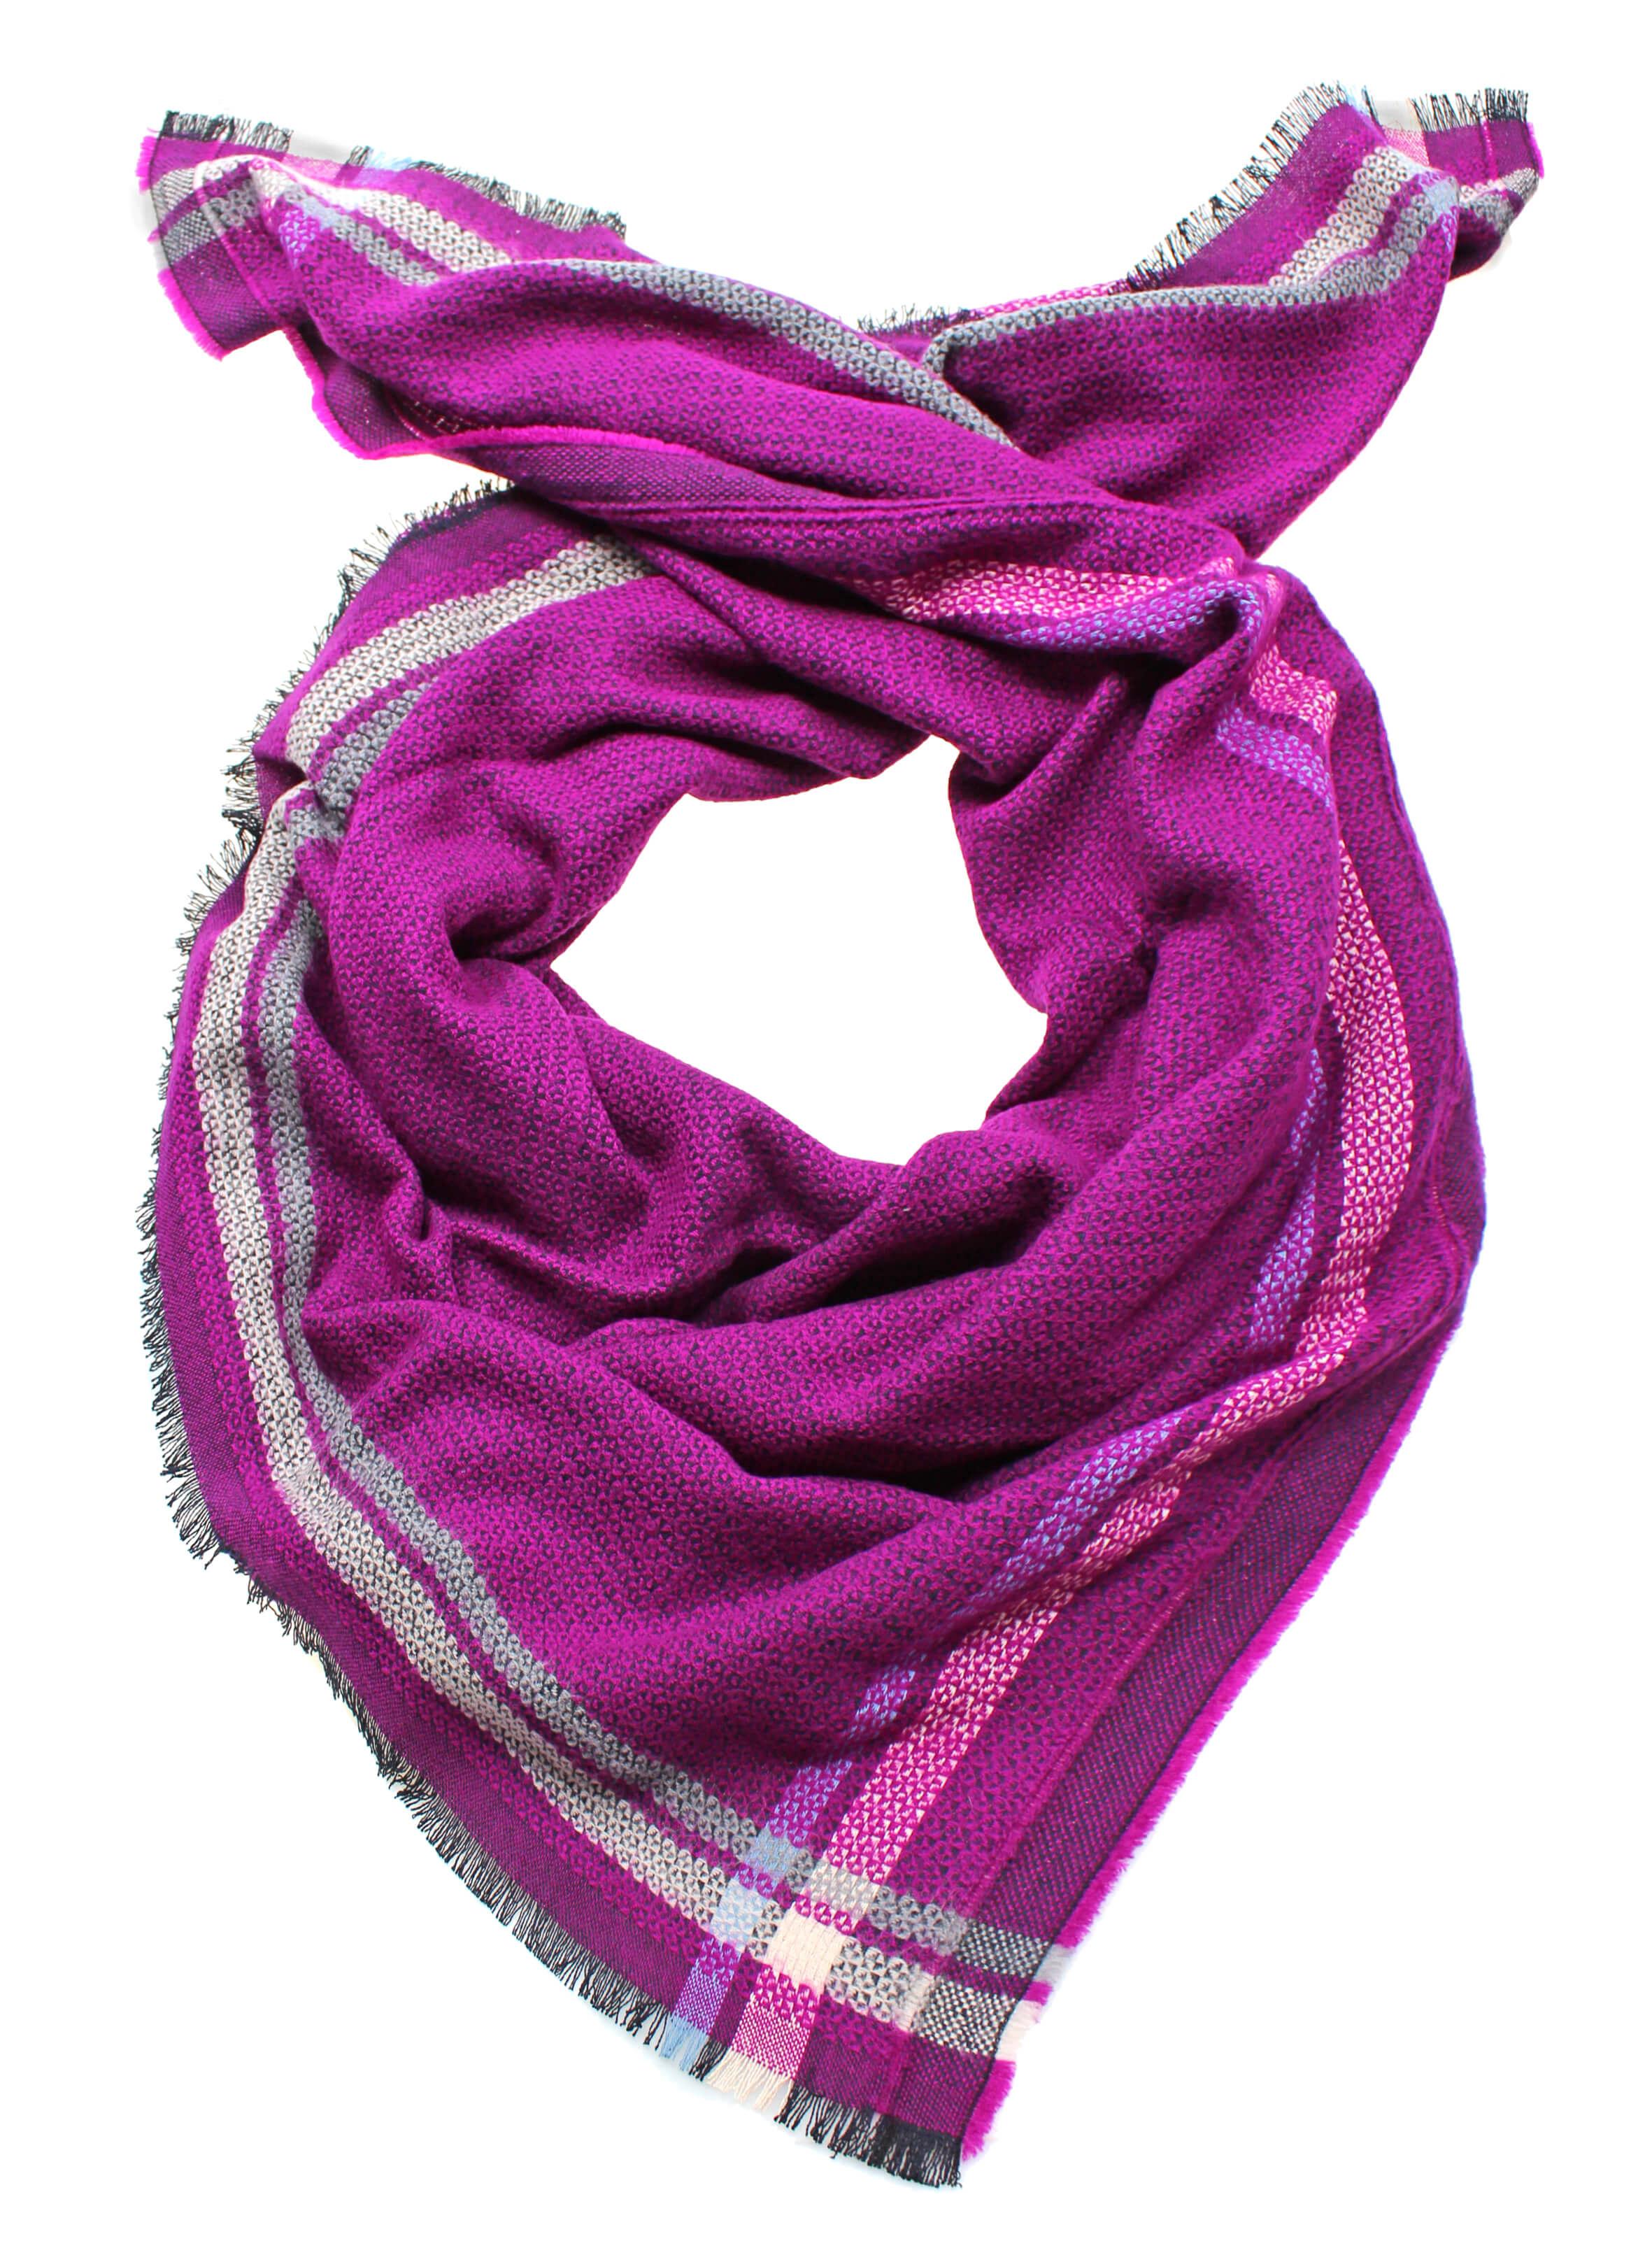 Bild von 12730_pink_scarf_warm_100